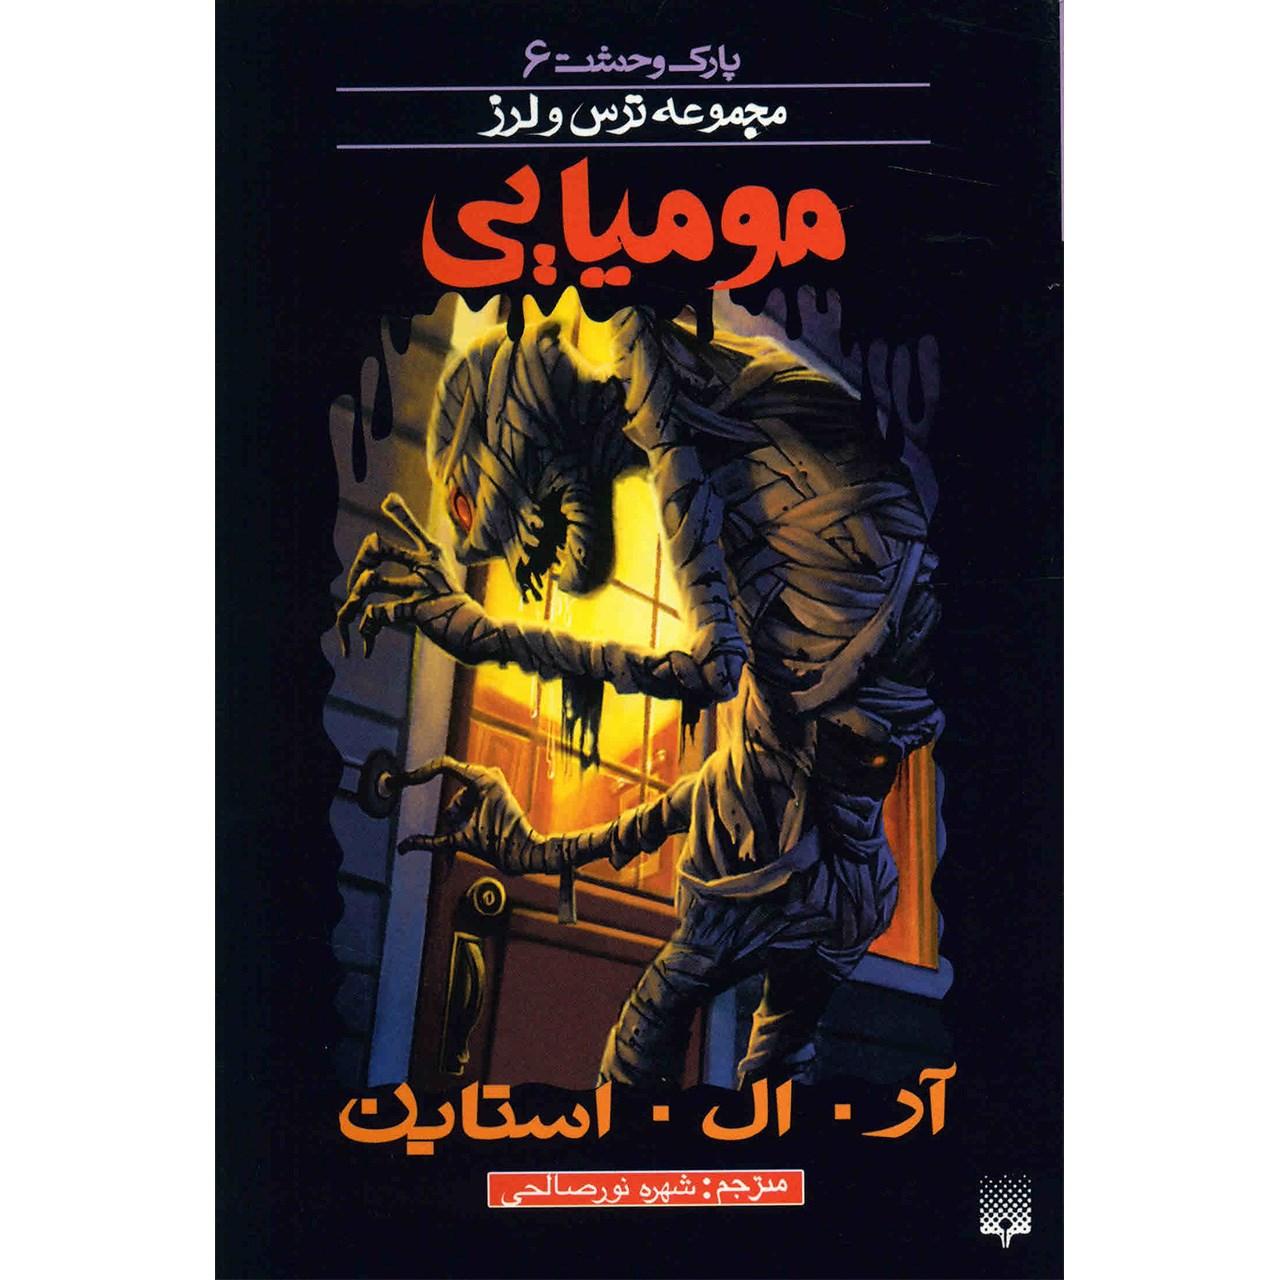 خرید                      کتاب مومیایی اثر آر. ال. استاین